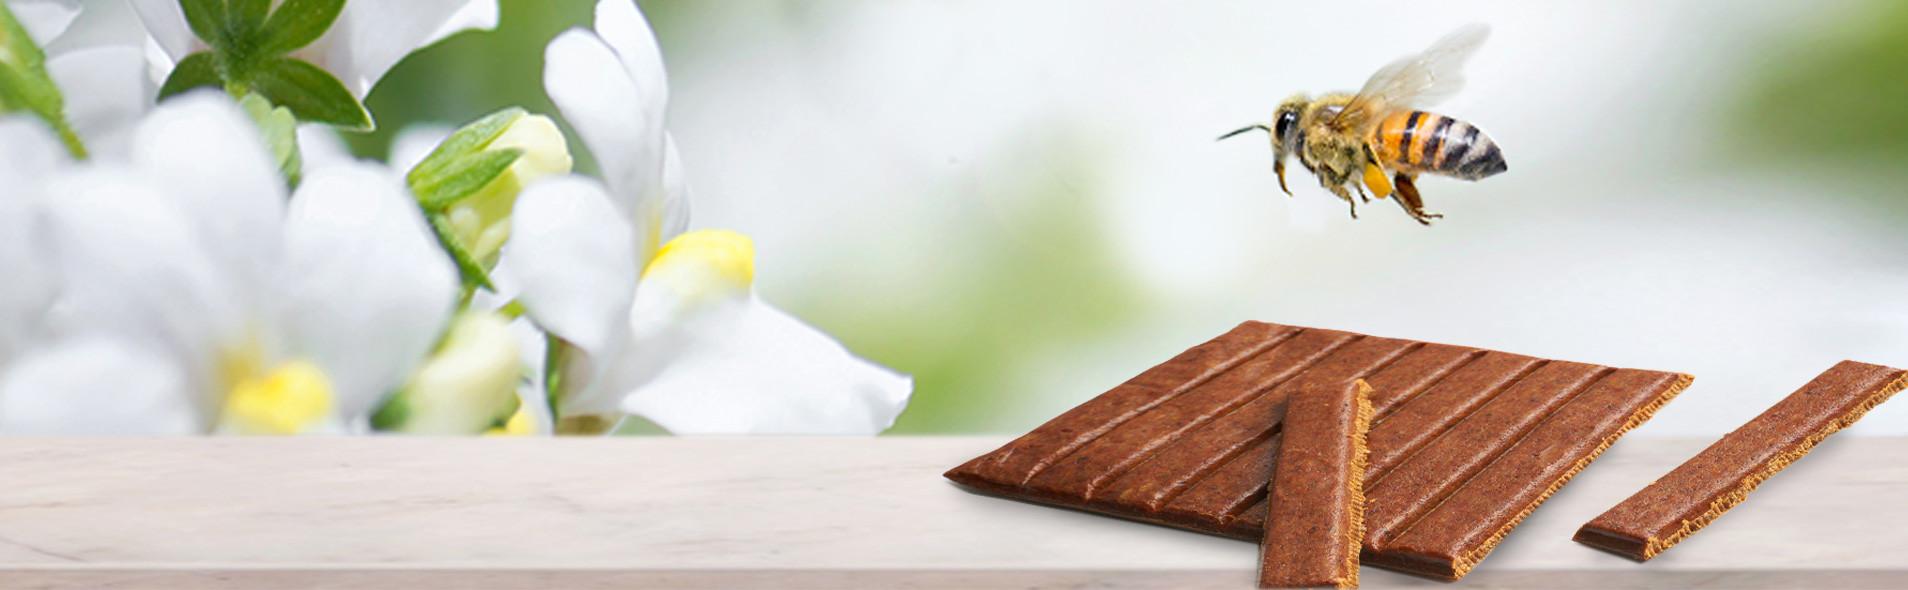 Résine de bourgeon transformée par les abeilles, notre Propolis Bio est reconnue comme antiseptique buccal.